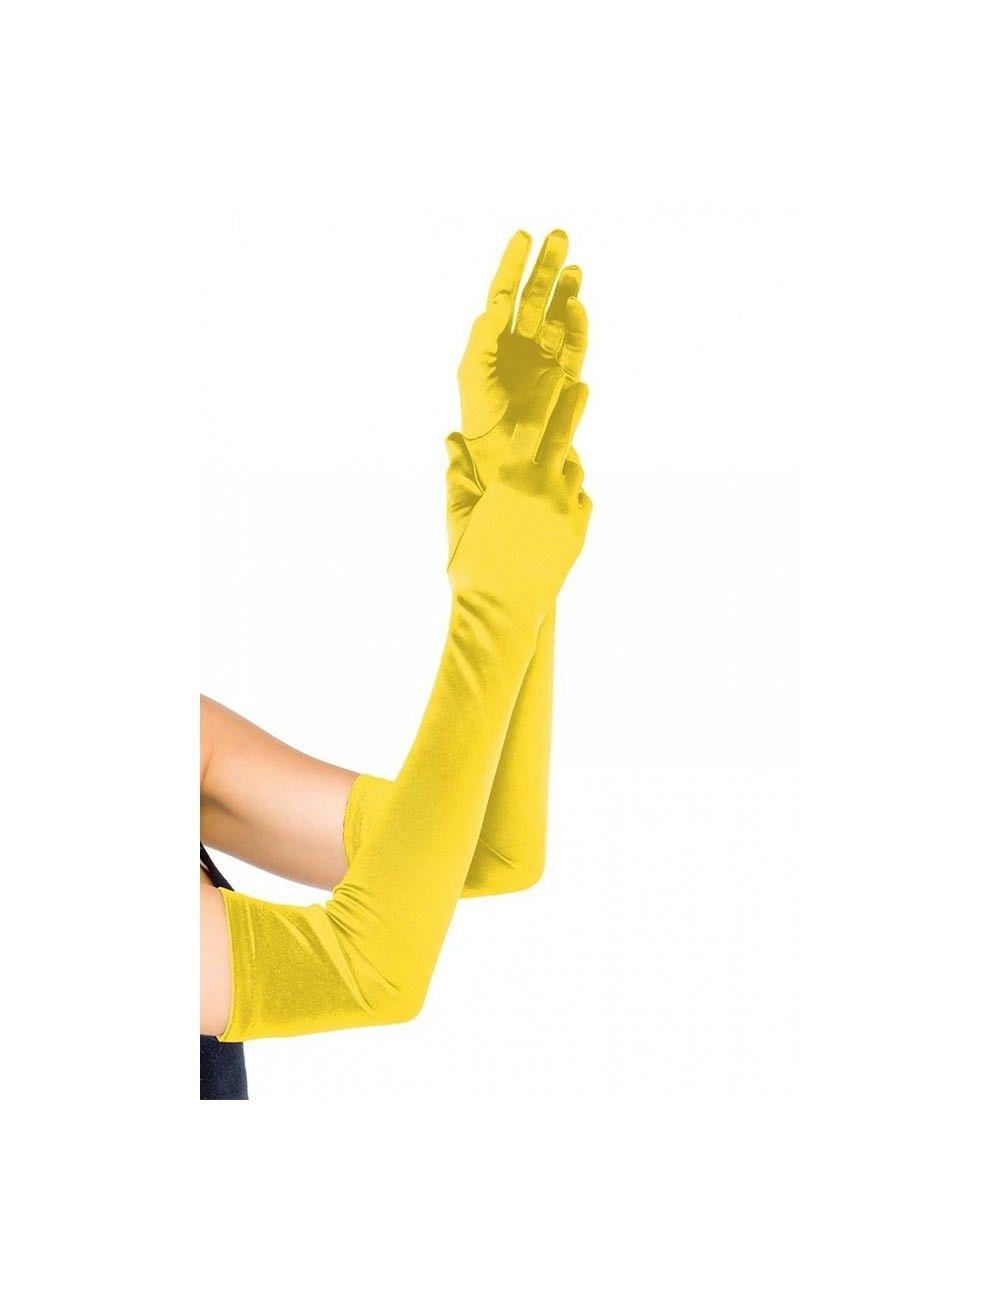 Gants jaunes satinés et longs Leg Avenue